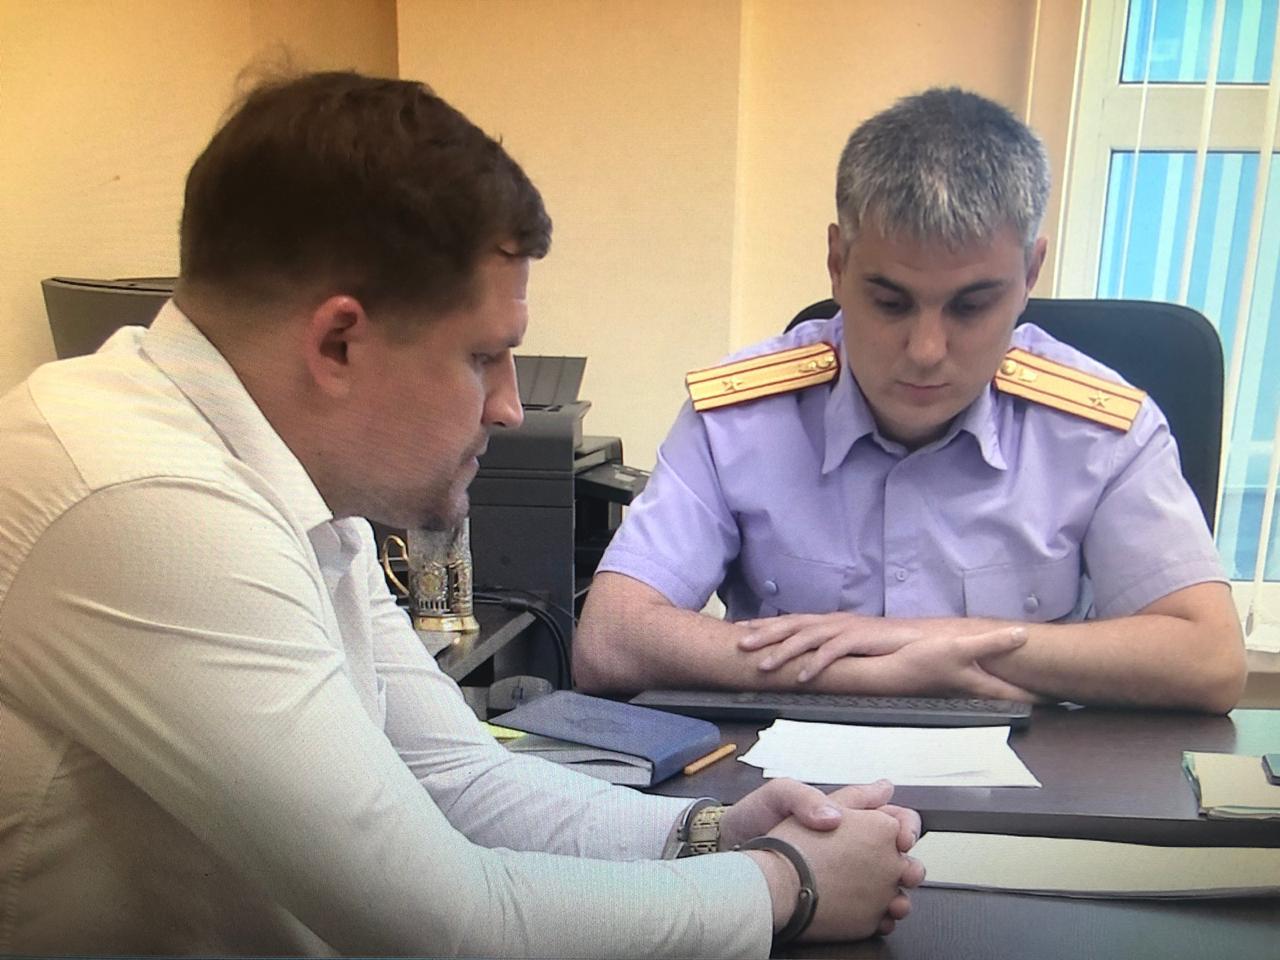 17 преступлений за 2 года: дело экс-замглавы мэрии Чепецка направлено в суд